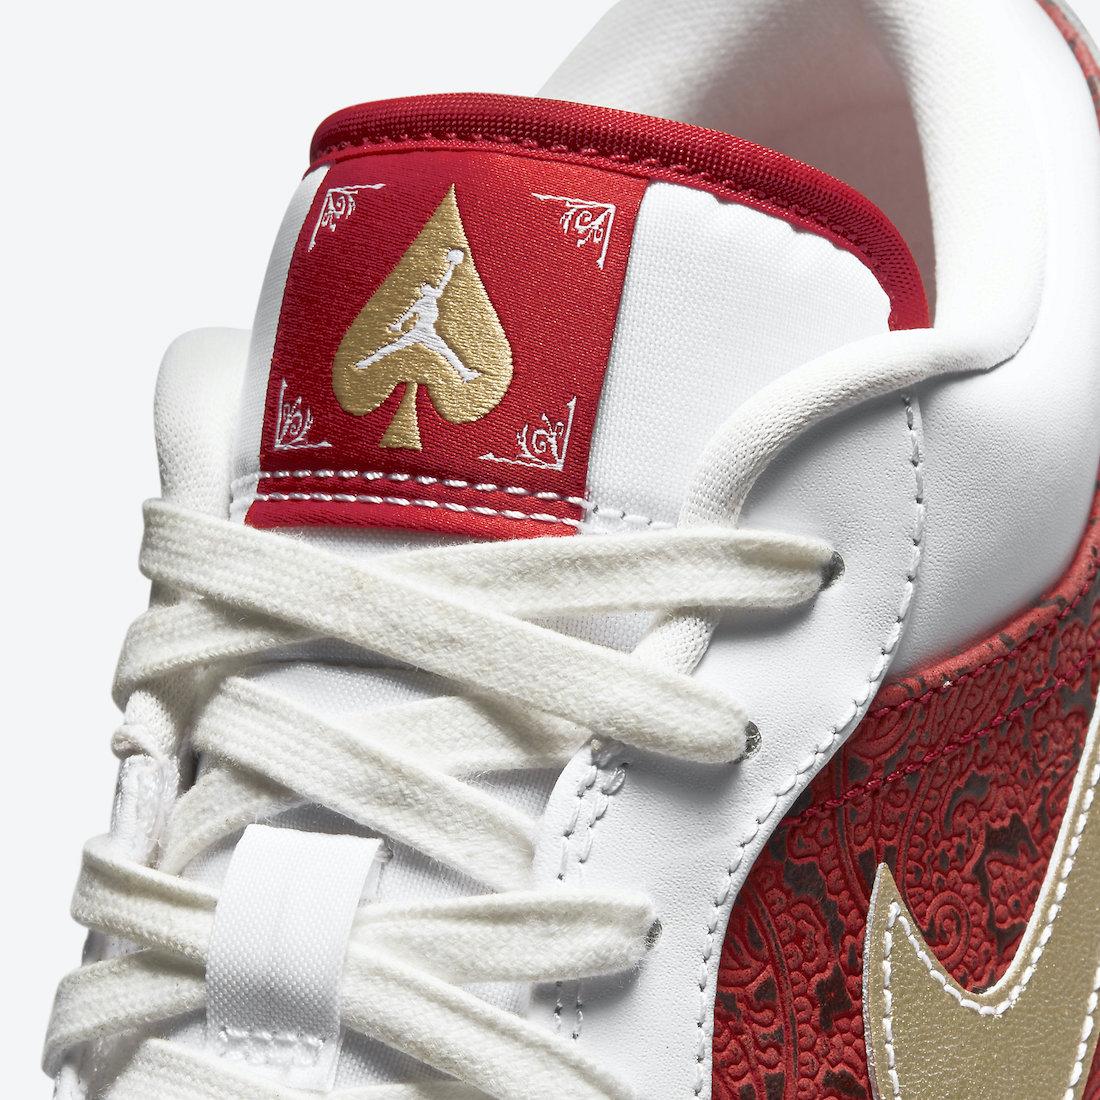 AJ1,Air Jordan 1 Low,DJ5185-10  Jordan 新宝藏系列!这双 AJ1 够古典够奢华!